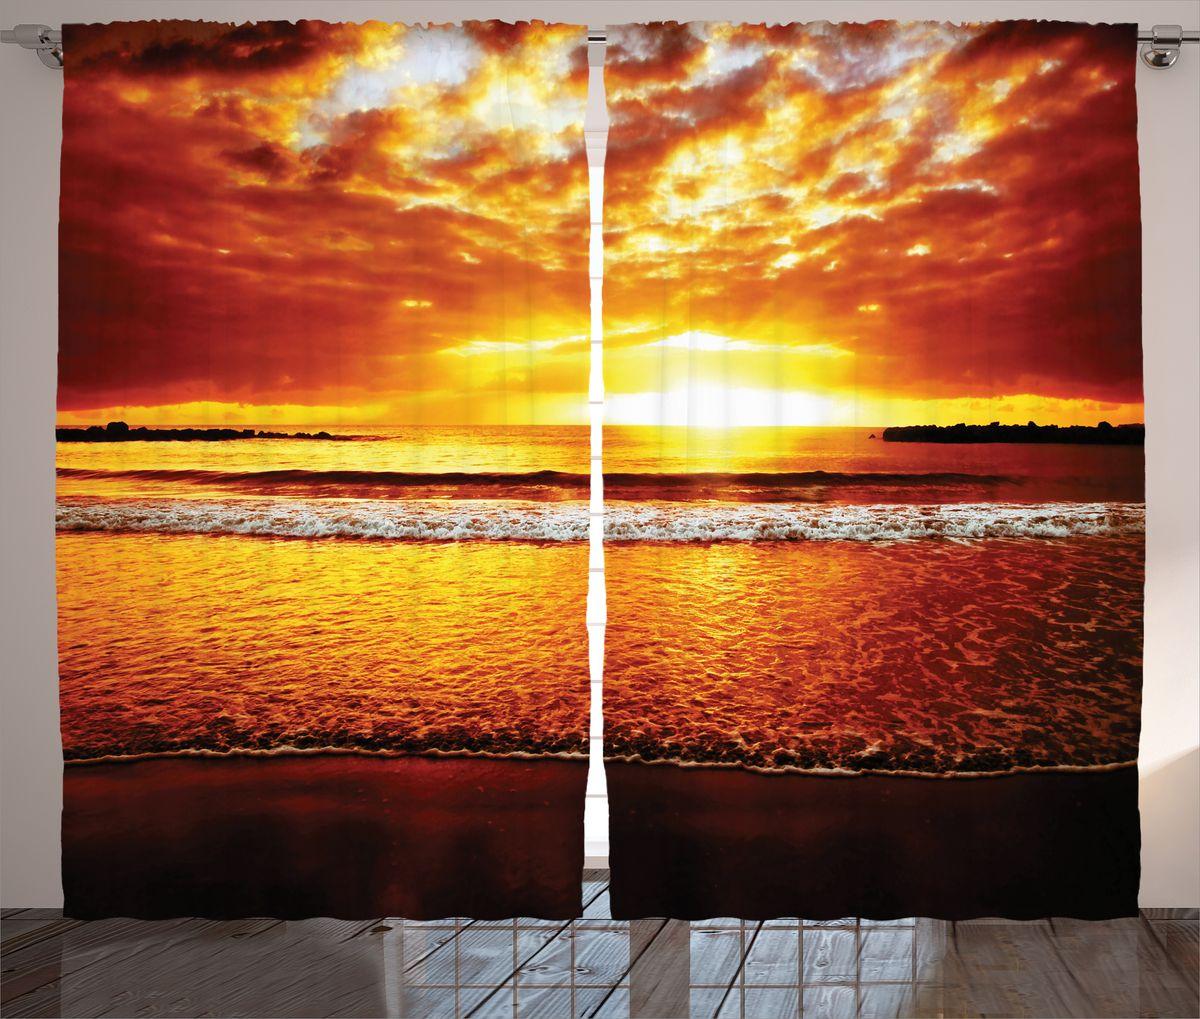 Комплект фотоштор Magic Lady Пламенеющий закат над морем, на ленте, высота 265 см. шсг_15024шсг_15024Компания Сэмболь изготавливает шторы из высококачественного сатена (полиэстер 100%). При изготовлении используются специальные гипоаллергенные чернила для прямой печати по ткани, безопасные для человека и животных. Экологичность продукции Magic lady и безопасность для окружающей среды подтверждены сертификатом Oeko-Tex Standard 100. Крепление: крючки для крепления на шторной ленте (50 шт). Возможно крепление на трубу. Внимание! При нанесении сублимационной печати на ткань технологическим методом при температуре 240°С, возможно отклонение полученных размеров (указанных на этикетке и сайте) от стандартных на + - 3-5 см. Производитель старается максимально точно передать цвета изделия на фотографиях, однако искажения неизбежны и фактический цвет изделия может отличаться от воспринимаемого по фото. Обратите внимание! Шторы изготовлены из полиэстра сатенового переплетения, а не из сатина (хлопок). Размер одного полотна шторы: 145х265 см. В комплекте 2...